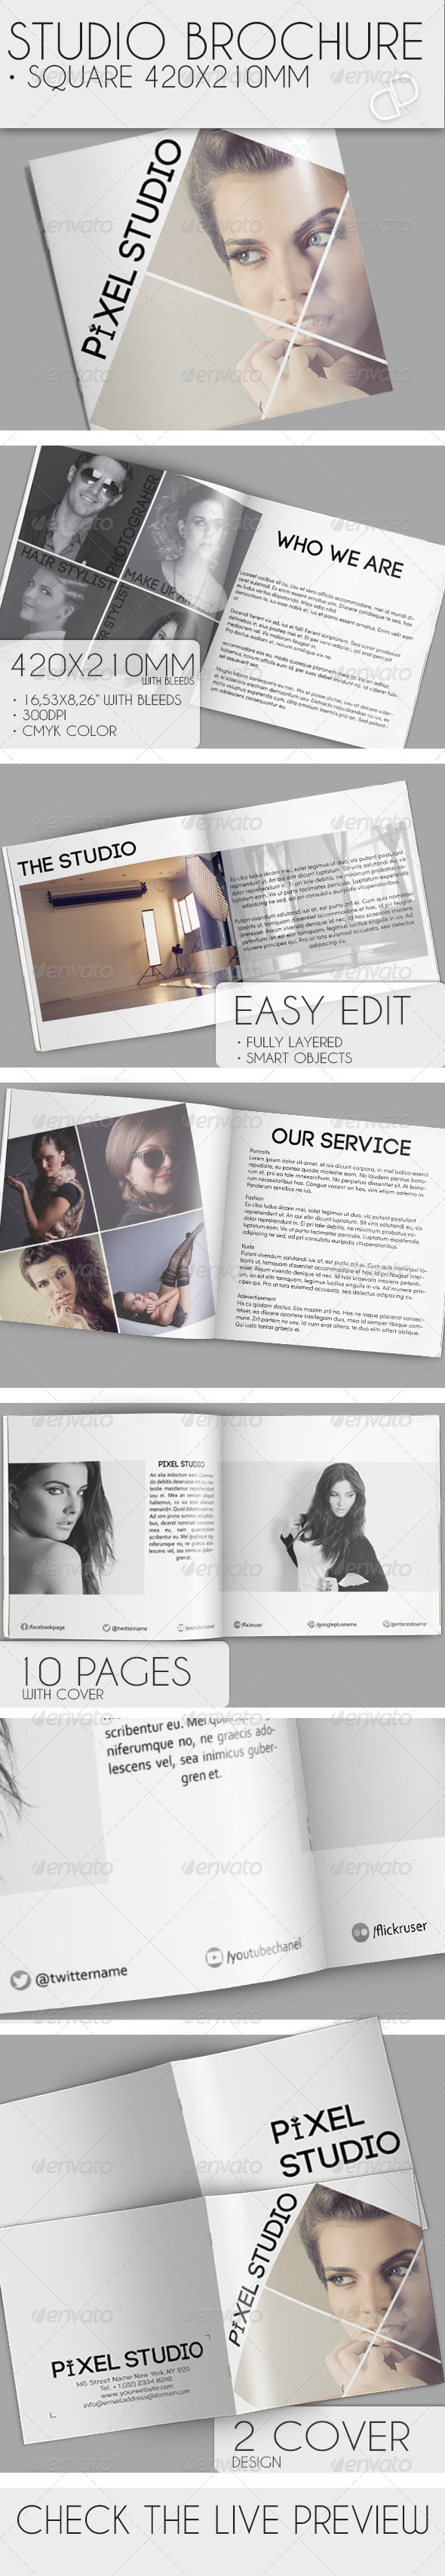 Studio Brochure - Square - Brochures Print Templates